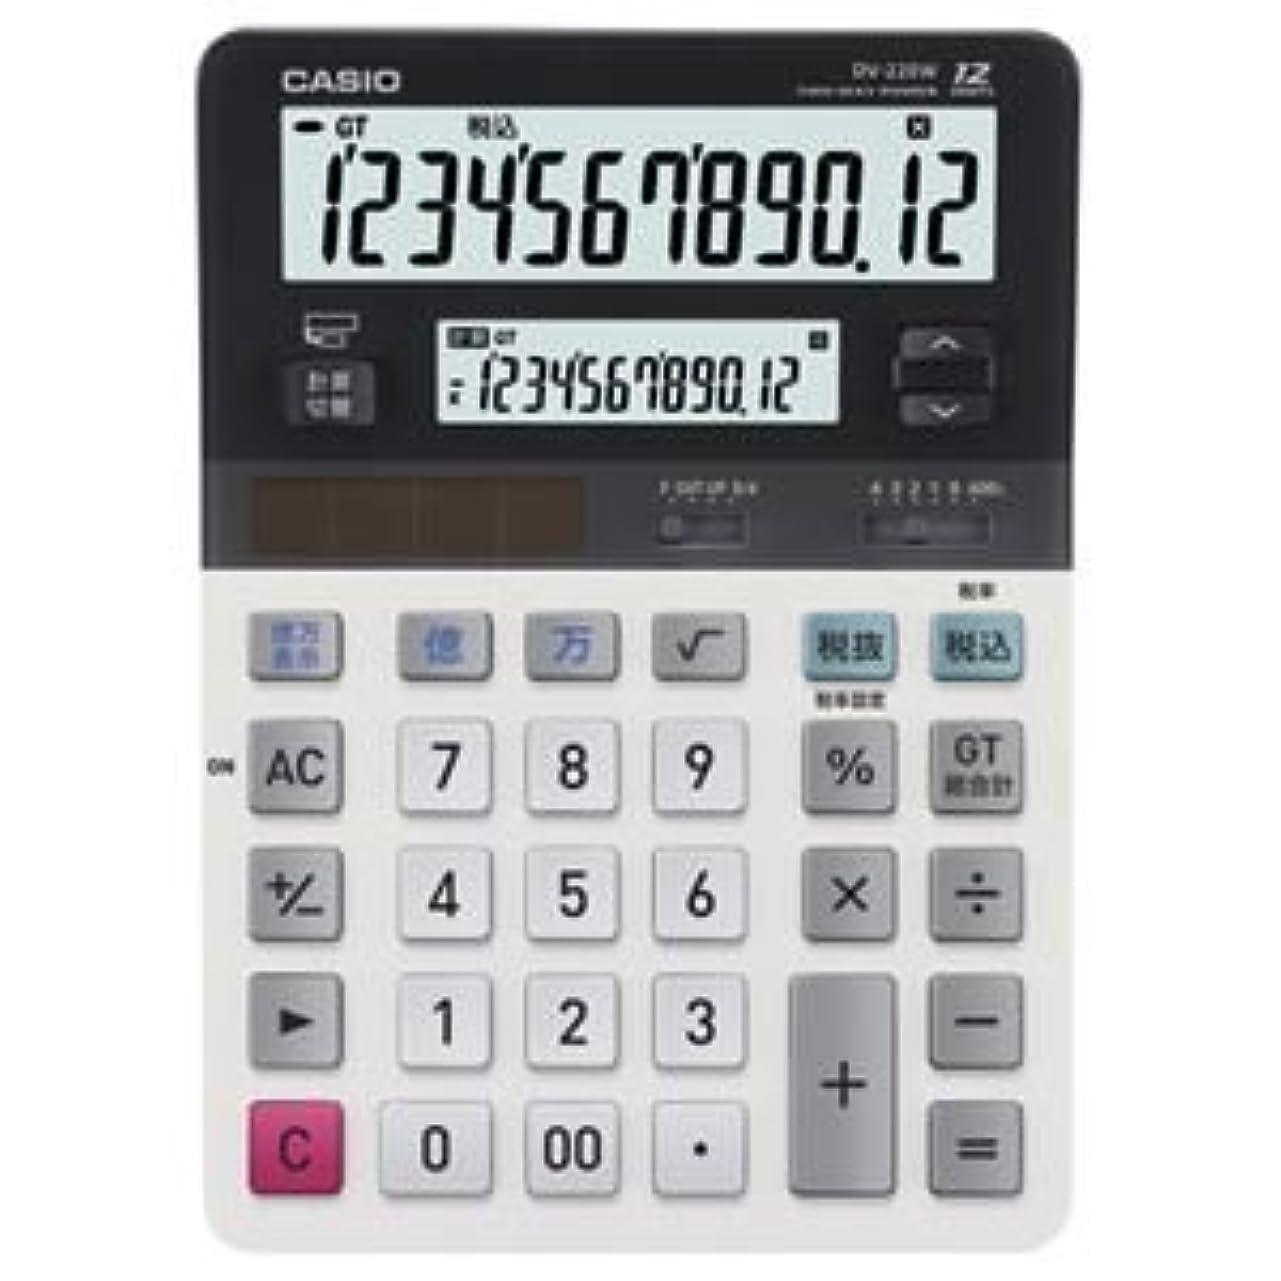 読みやすさ徹底の間で(まとめ) カシオ CASIO ツイン液晶電卓 ミエ2くん 12桁+12桁 デスクタイプ DV-220W-N 1台 【×2セット】 ds-1575145